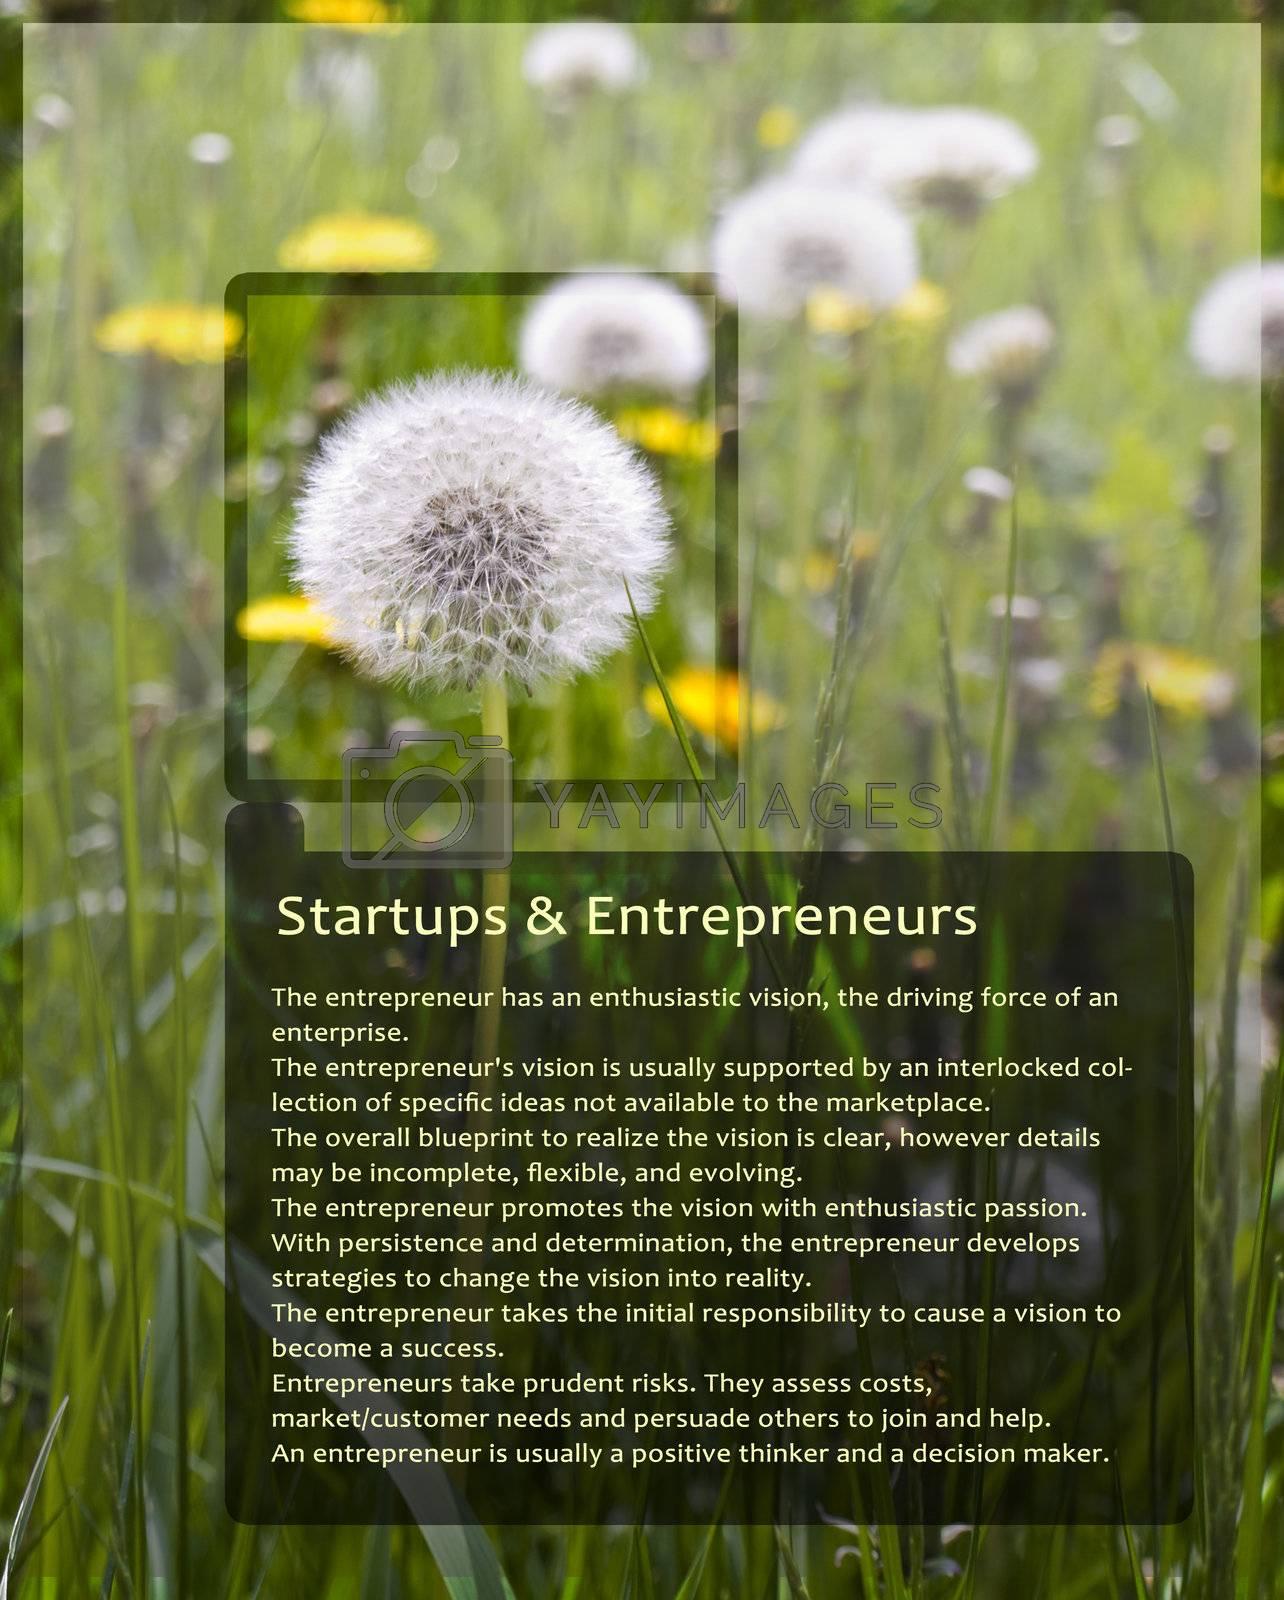 Sample Information Sheet for Entrepreneurs With Dandelion Black Trim